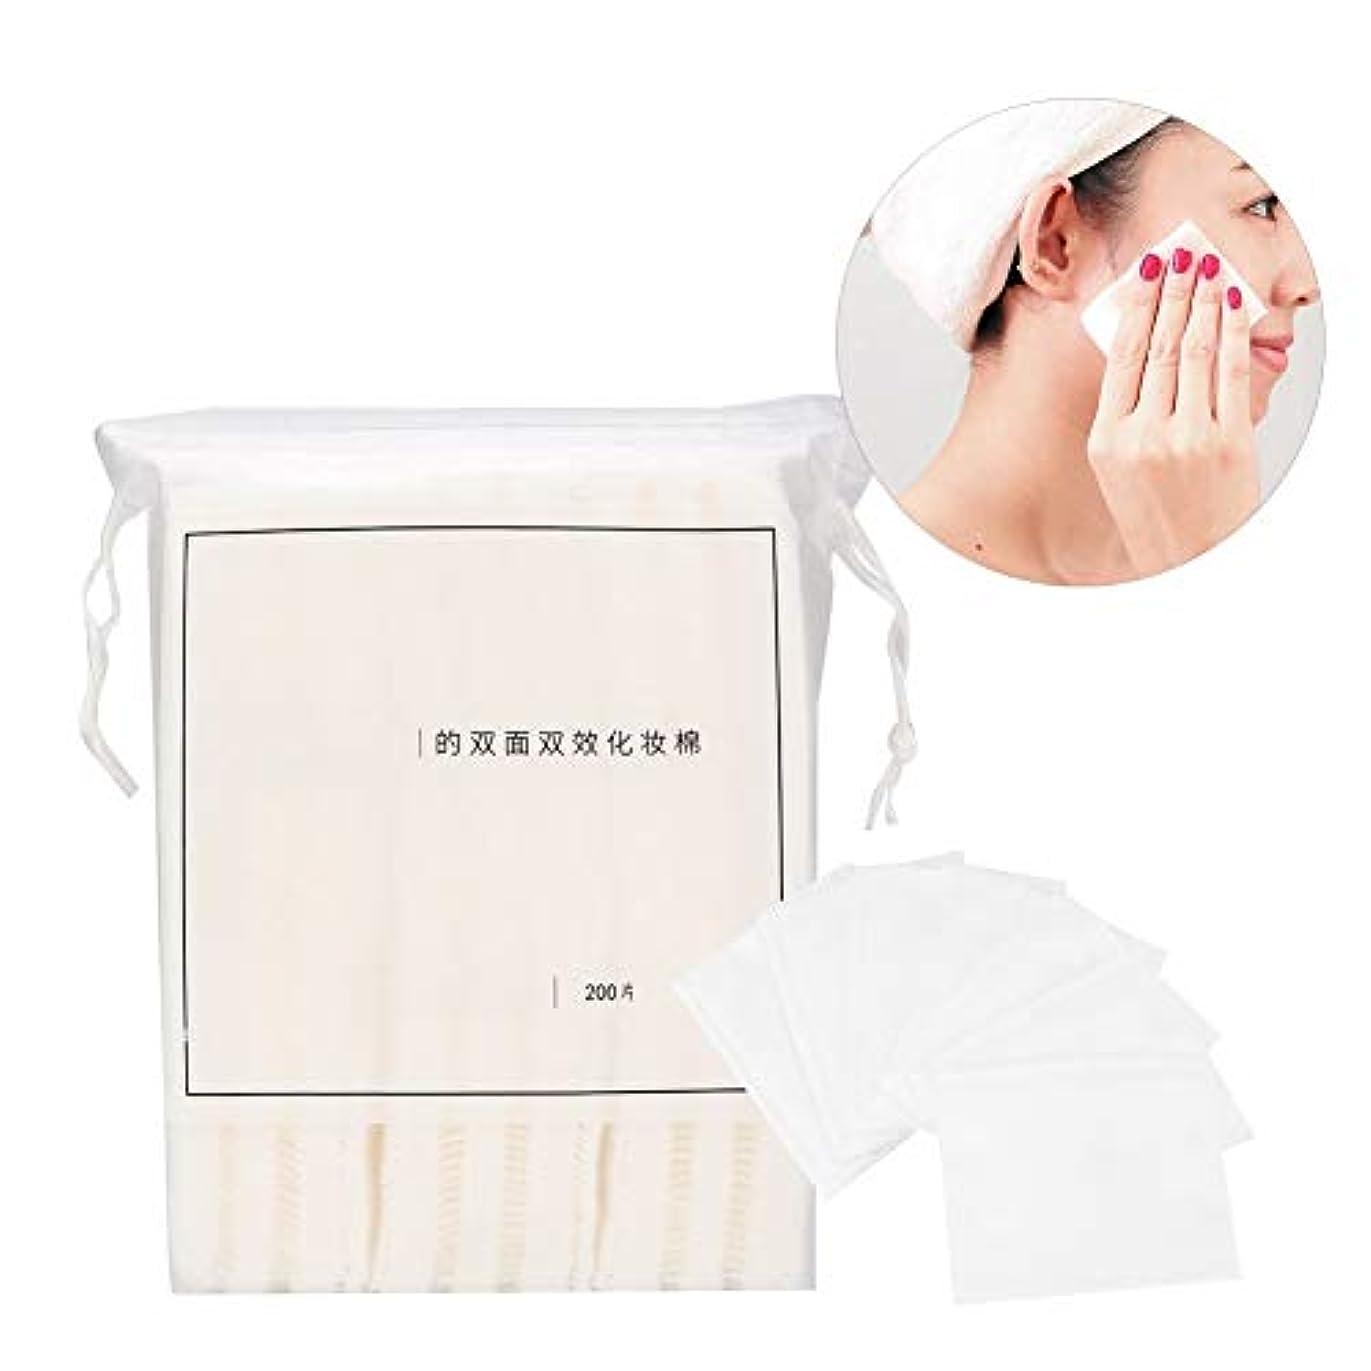 観察ウィスキーレジデンス200個の化粧落としパッド、肌の角質除去とネイルケアのための両面と乾式の湿式デュアルユースコットンパッド、やわらかい涙抵抗の保水化粧品用綿(2)